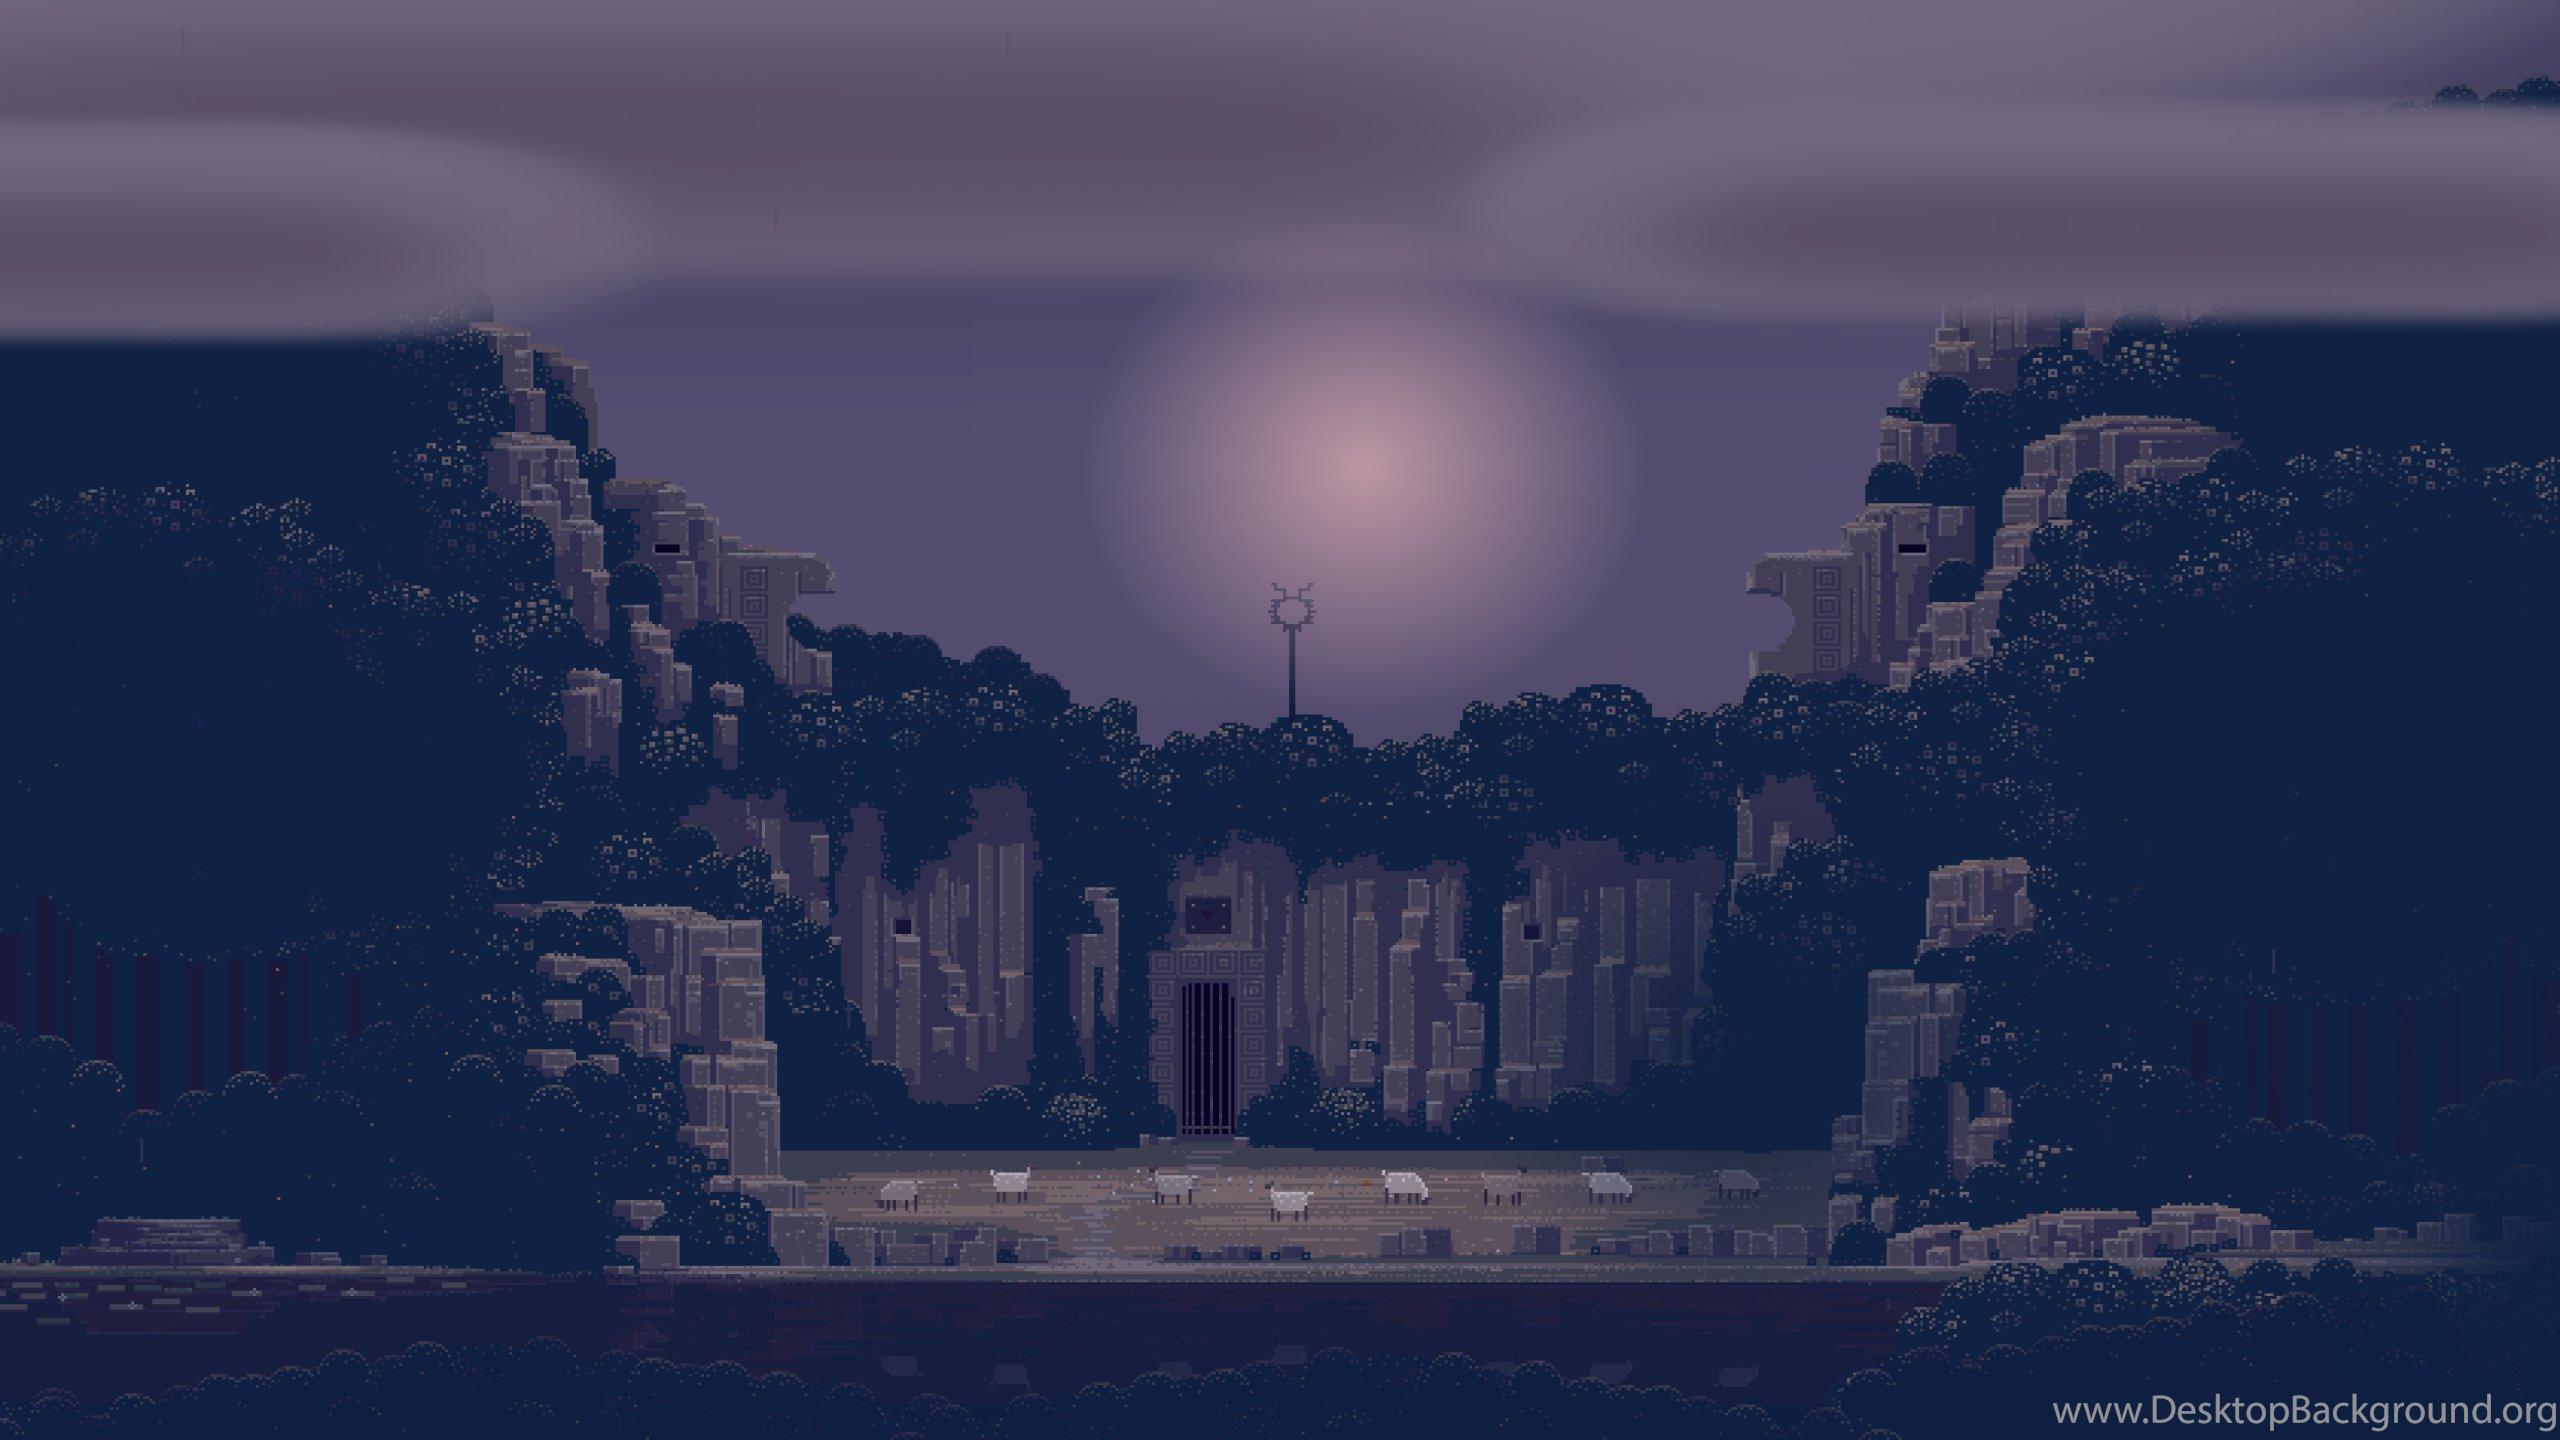 Pixel Art Wallpapers Album On Imgur Desktop Background